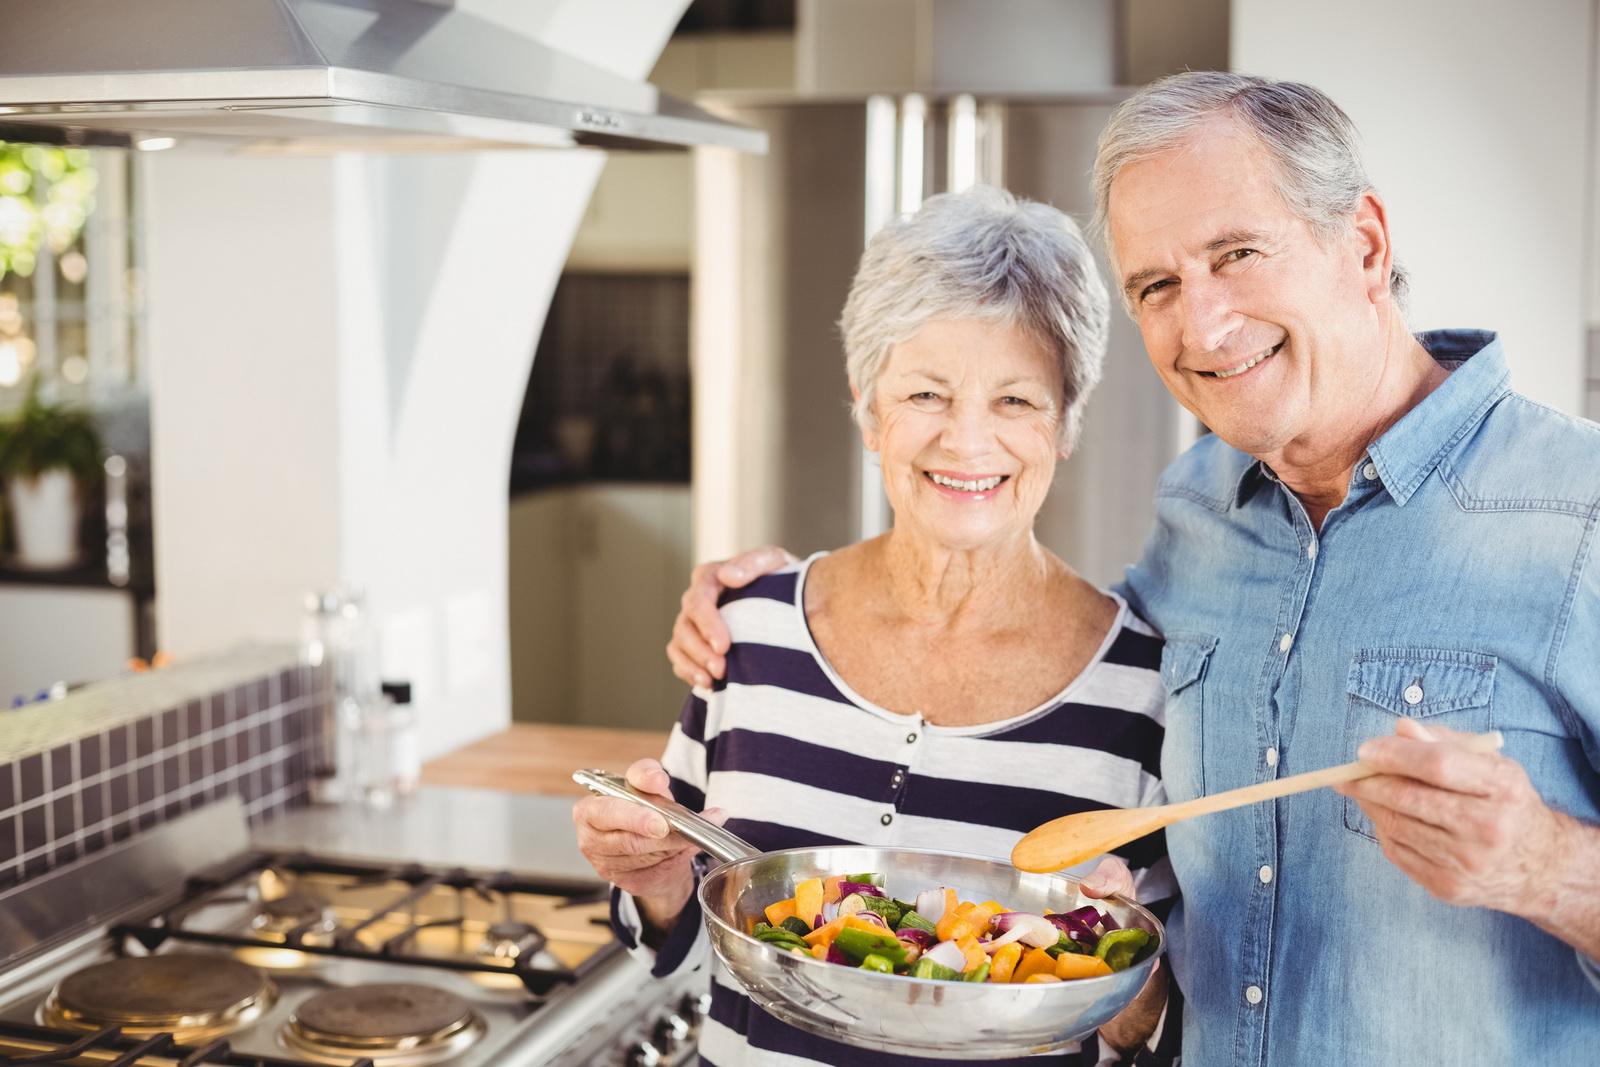 Суммы гарантированного минимального пенсионного дохода в июле-сентябре 2020 г.